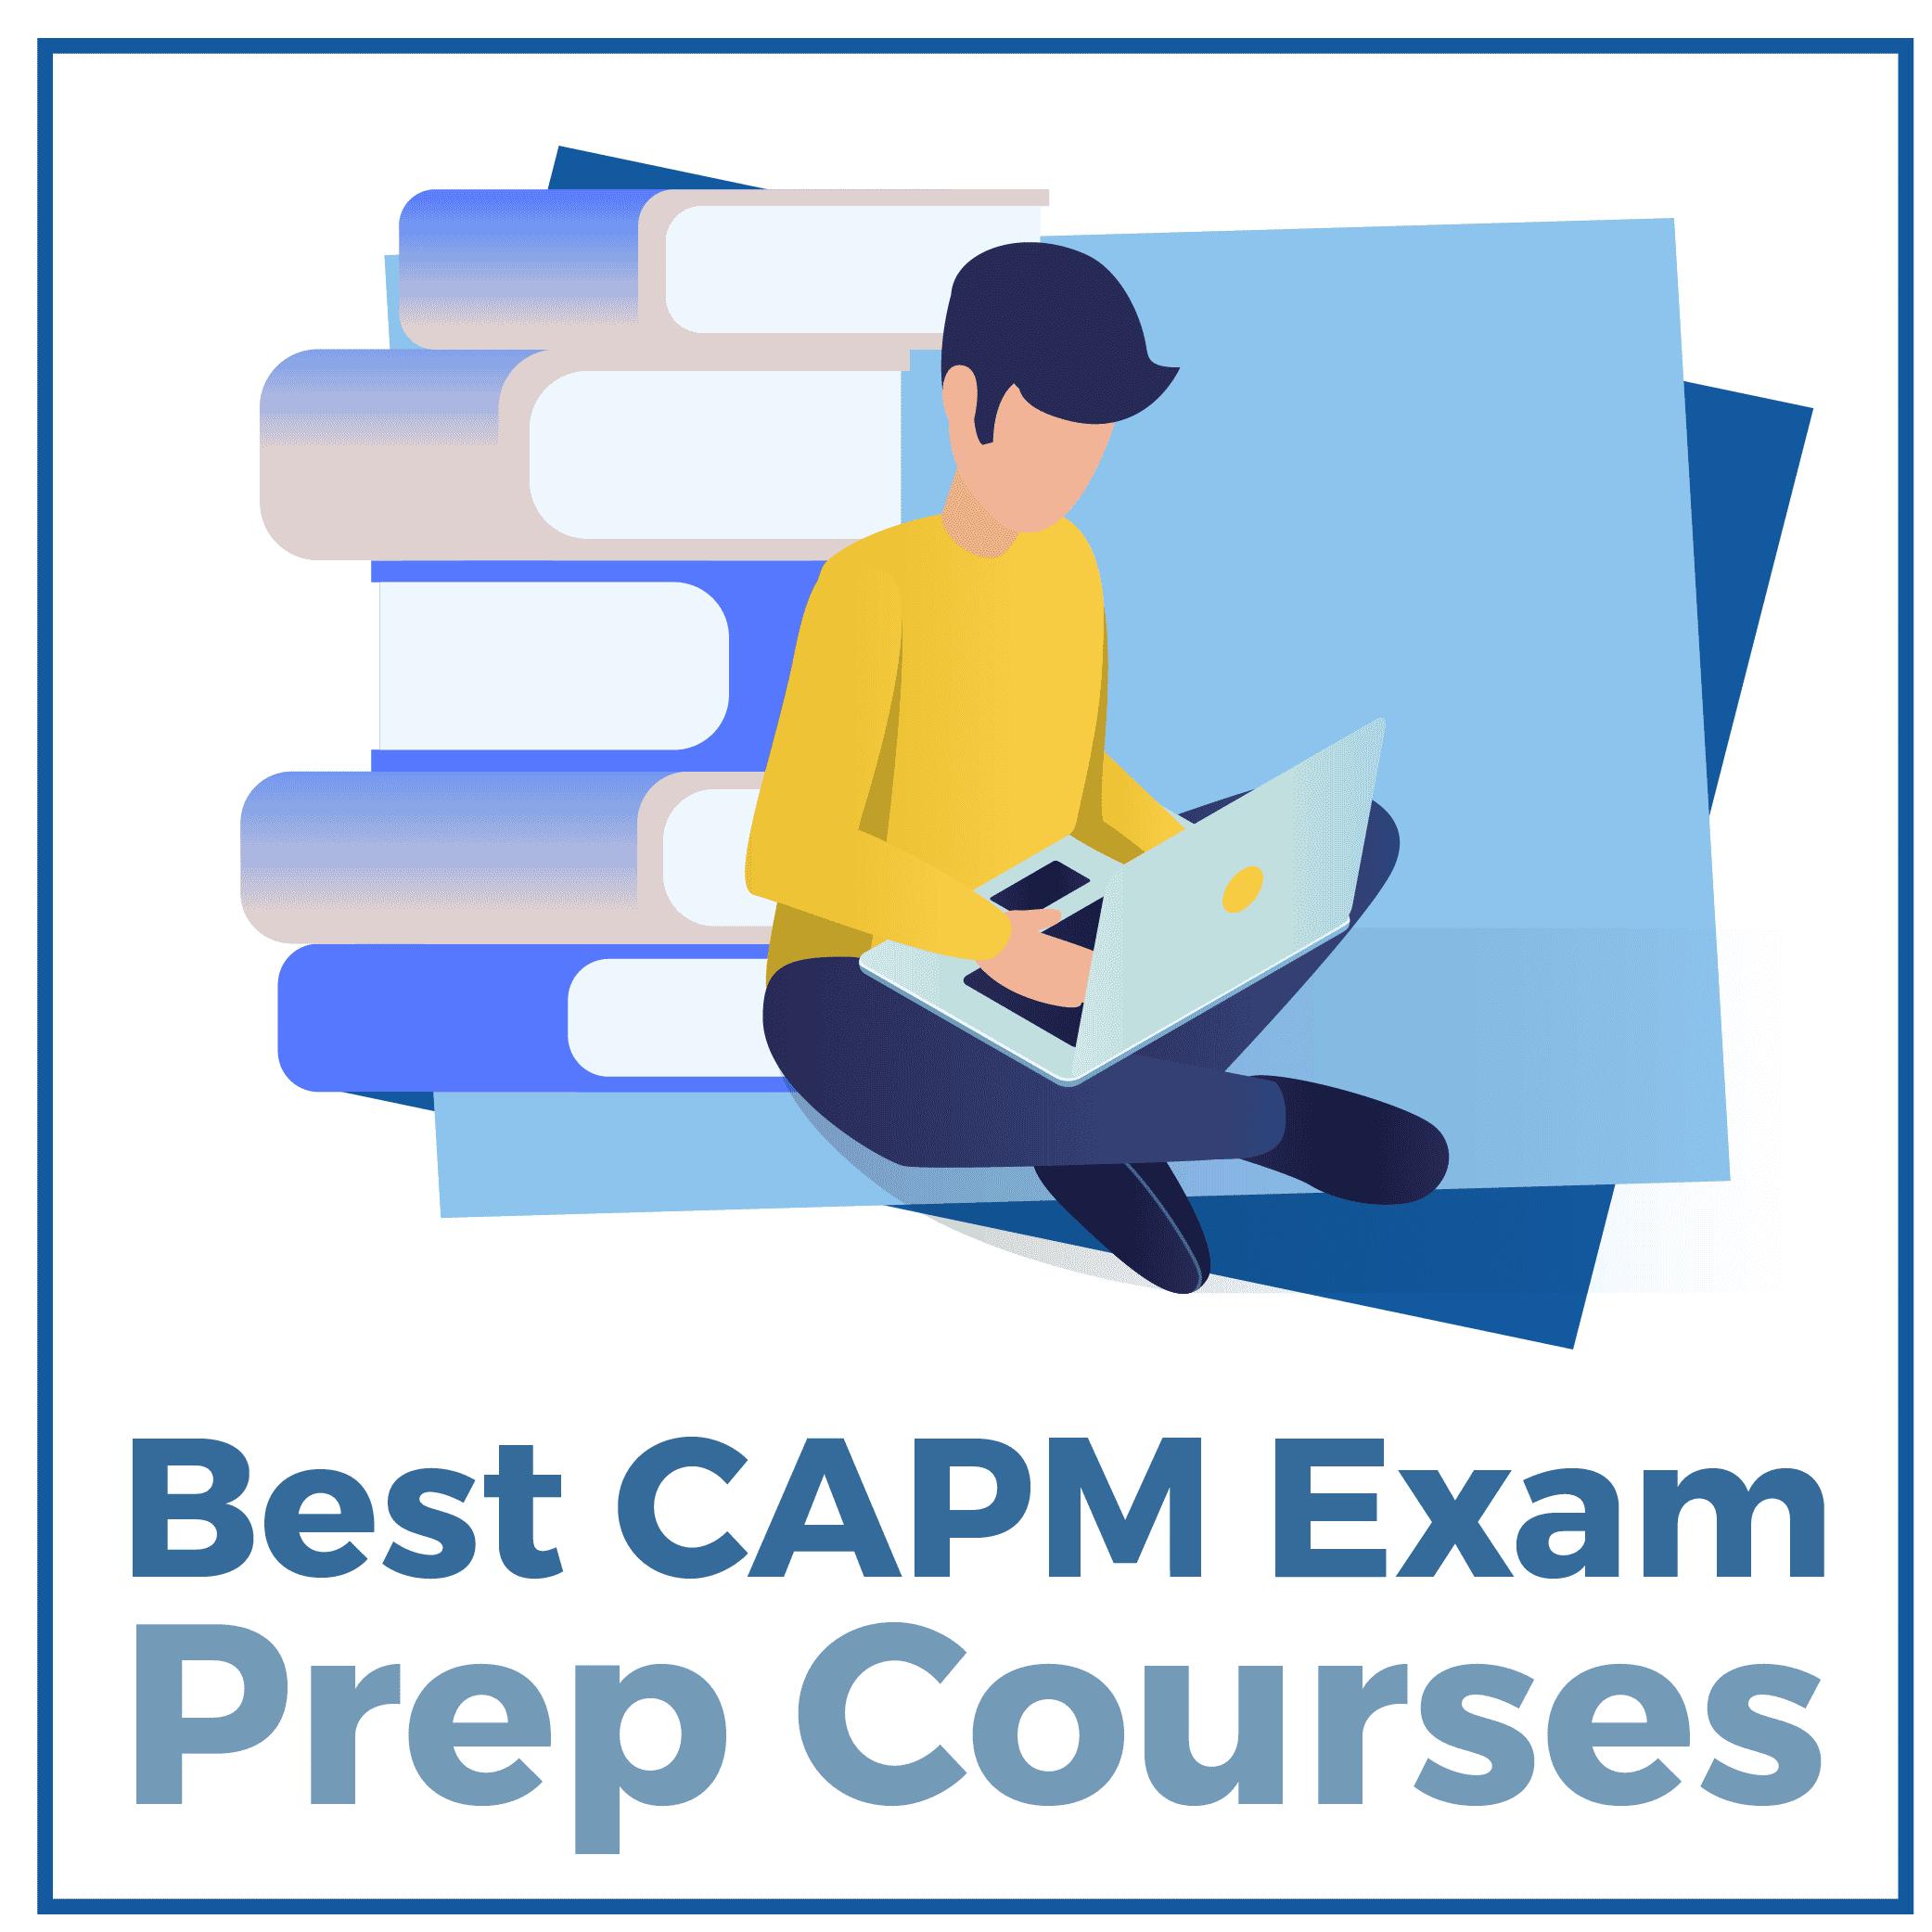 2020 Capm Exam Prep Courses Study Materials Discounts